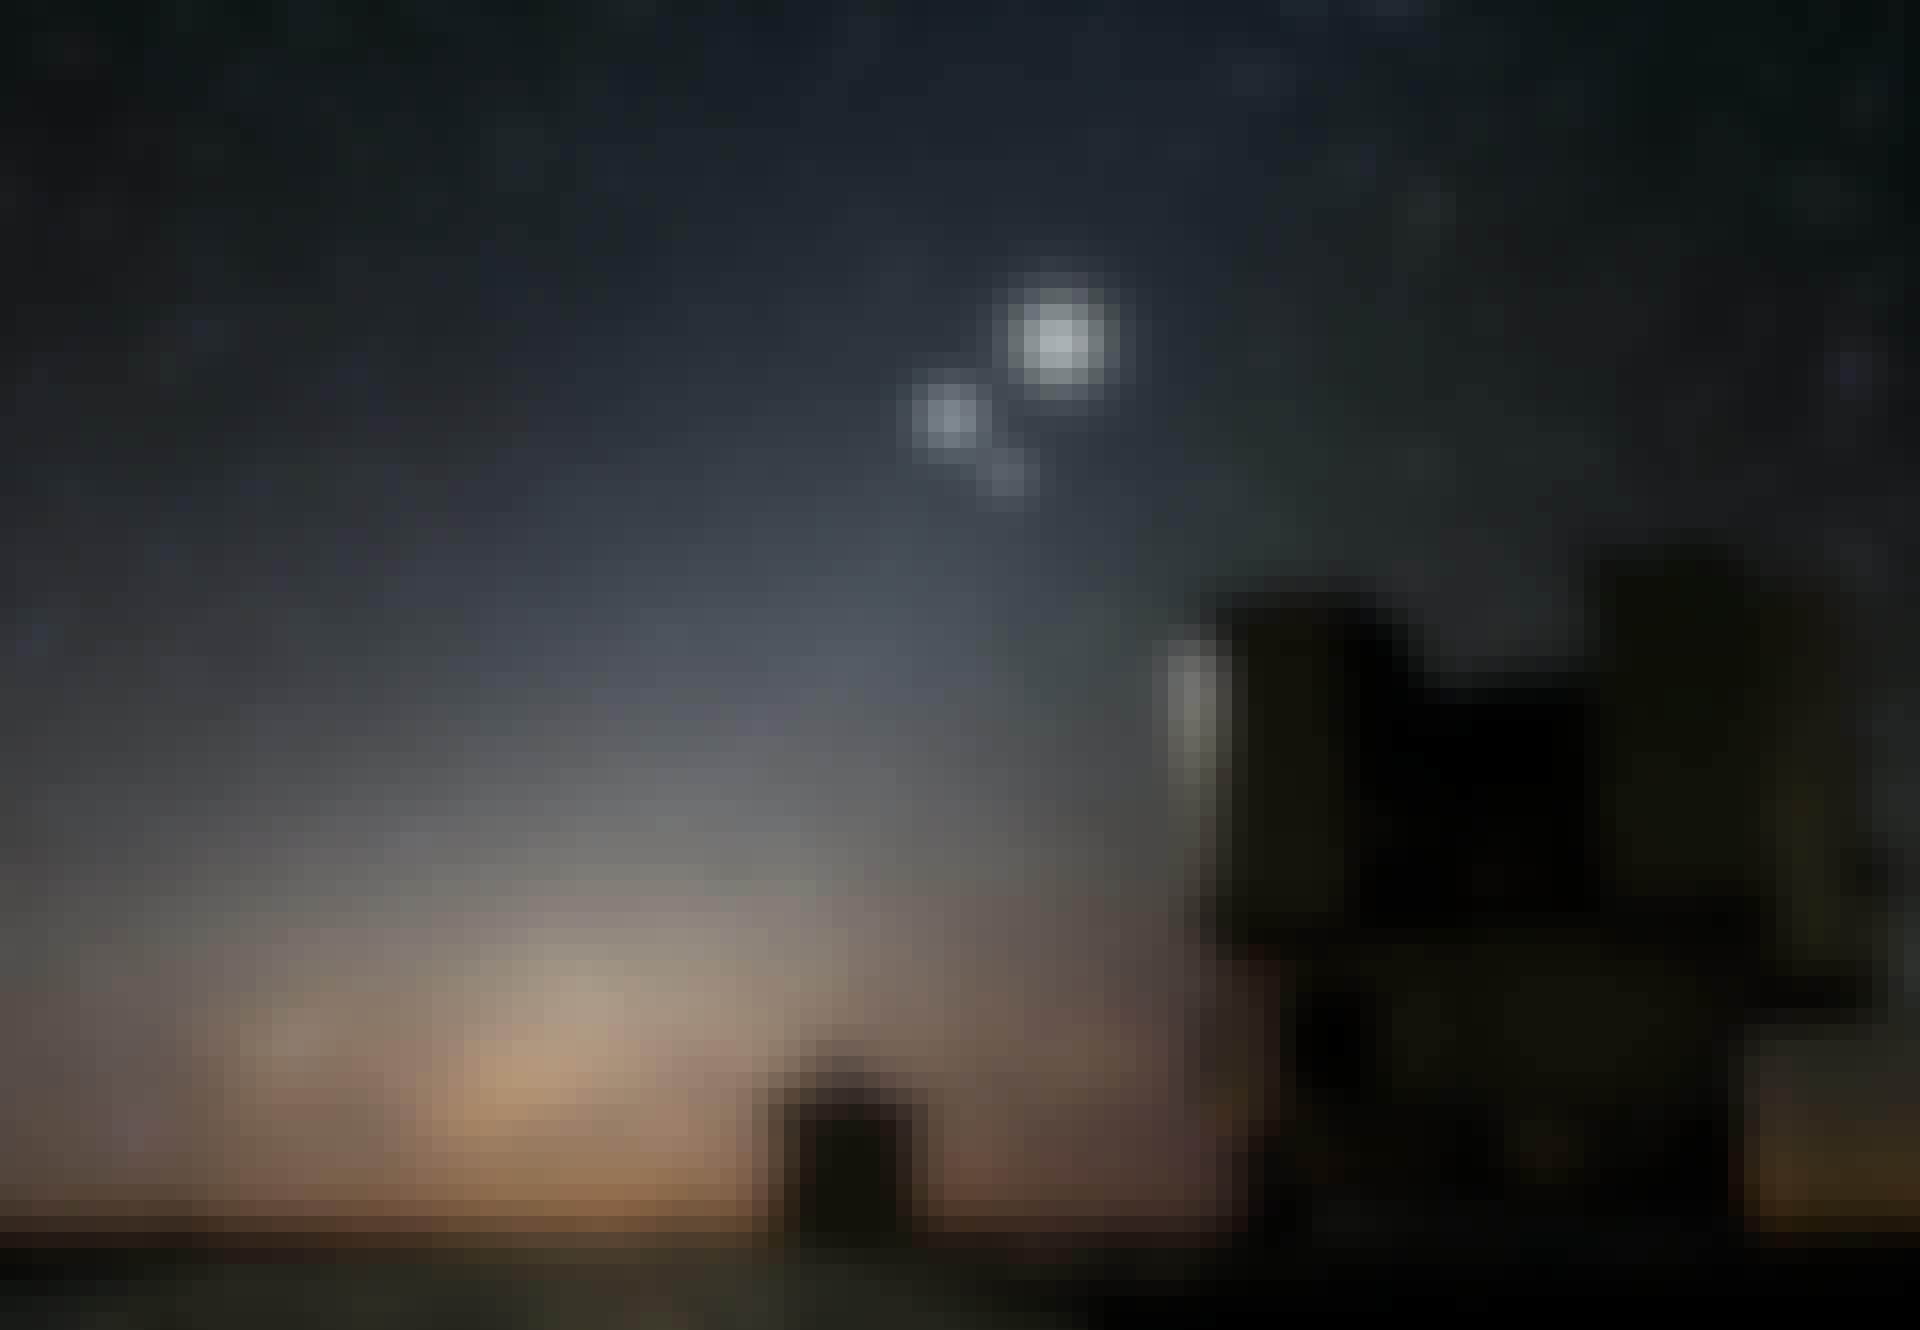 Saturn og Jupiter mødes i en konjunktion 21. december 2020